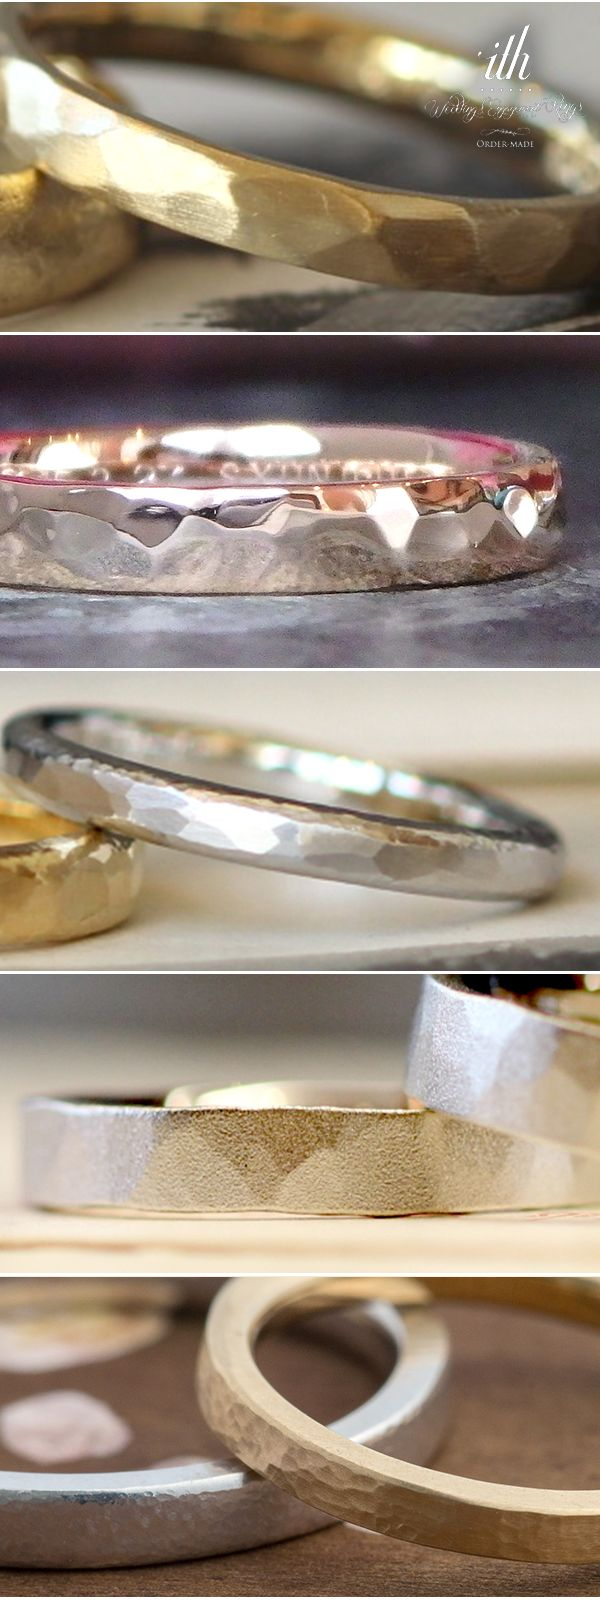 リングの表面に金槌で模様をつける技法「槌目」 槌の大きさや種類によって様々な表情に。手仕事ならではの技術でつくるオリジナルマリッジリング。 つくり手が一打一打 丁寧に仕上げる槌目のリングです。  marriage ring, wedding, ウエディング,結婚指輪,Gold,ゴールド,手作り,オーダーメイド